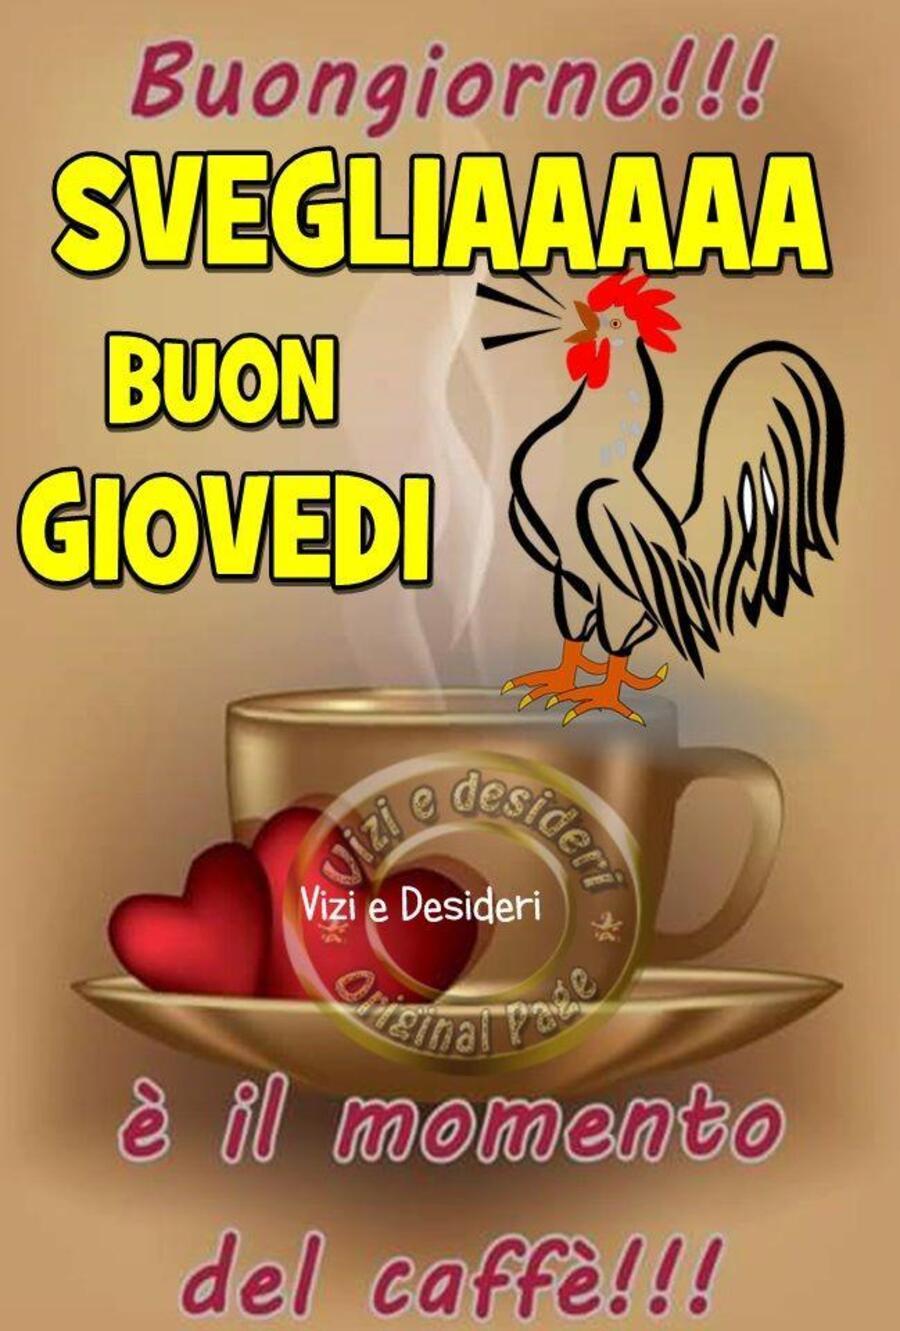 Buongiorno!!! SVEGLIAAA Buon Giovedì è l'ora del caffè !!!